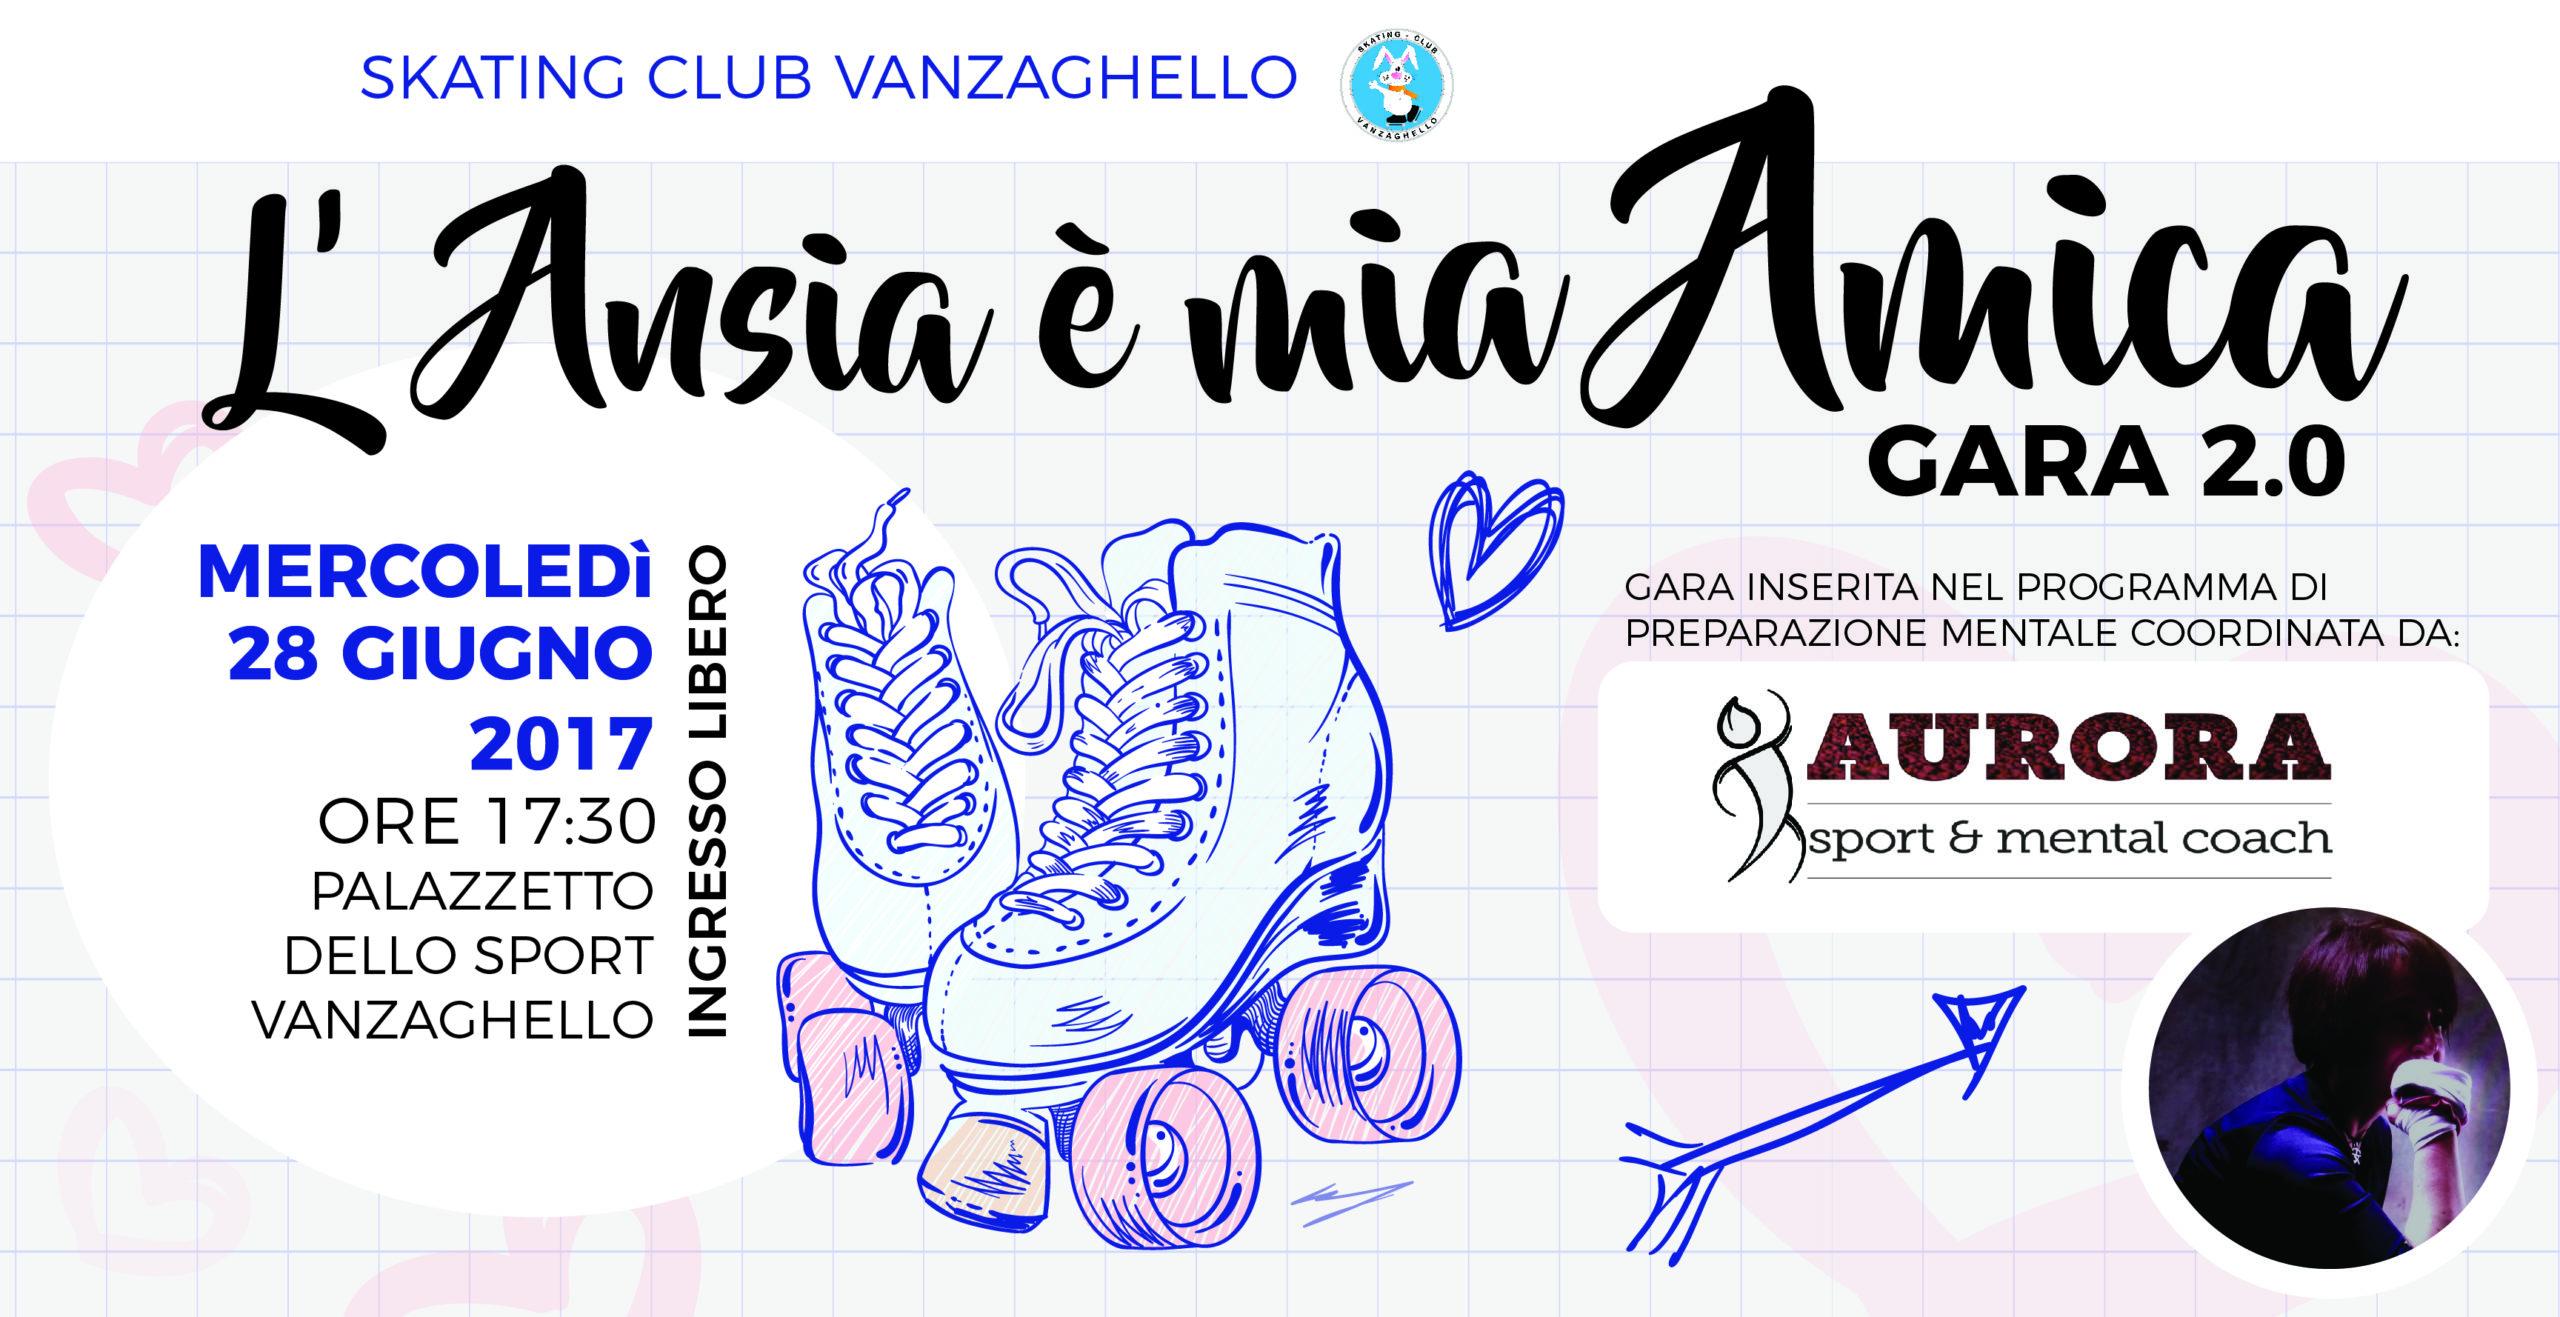 Skating_AuroraPuccio_sportmentalcoach_vanzaghello